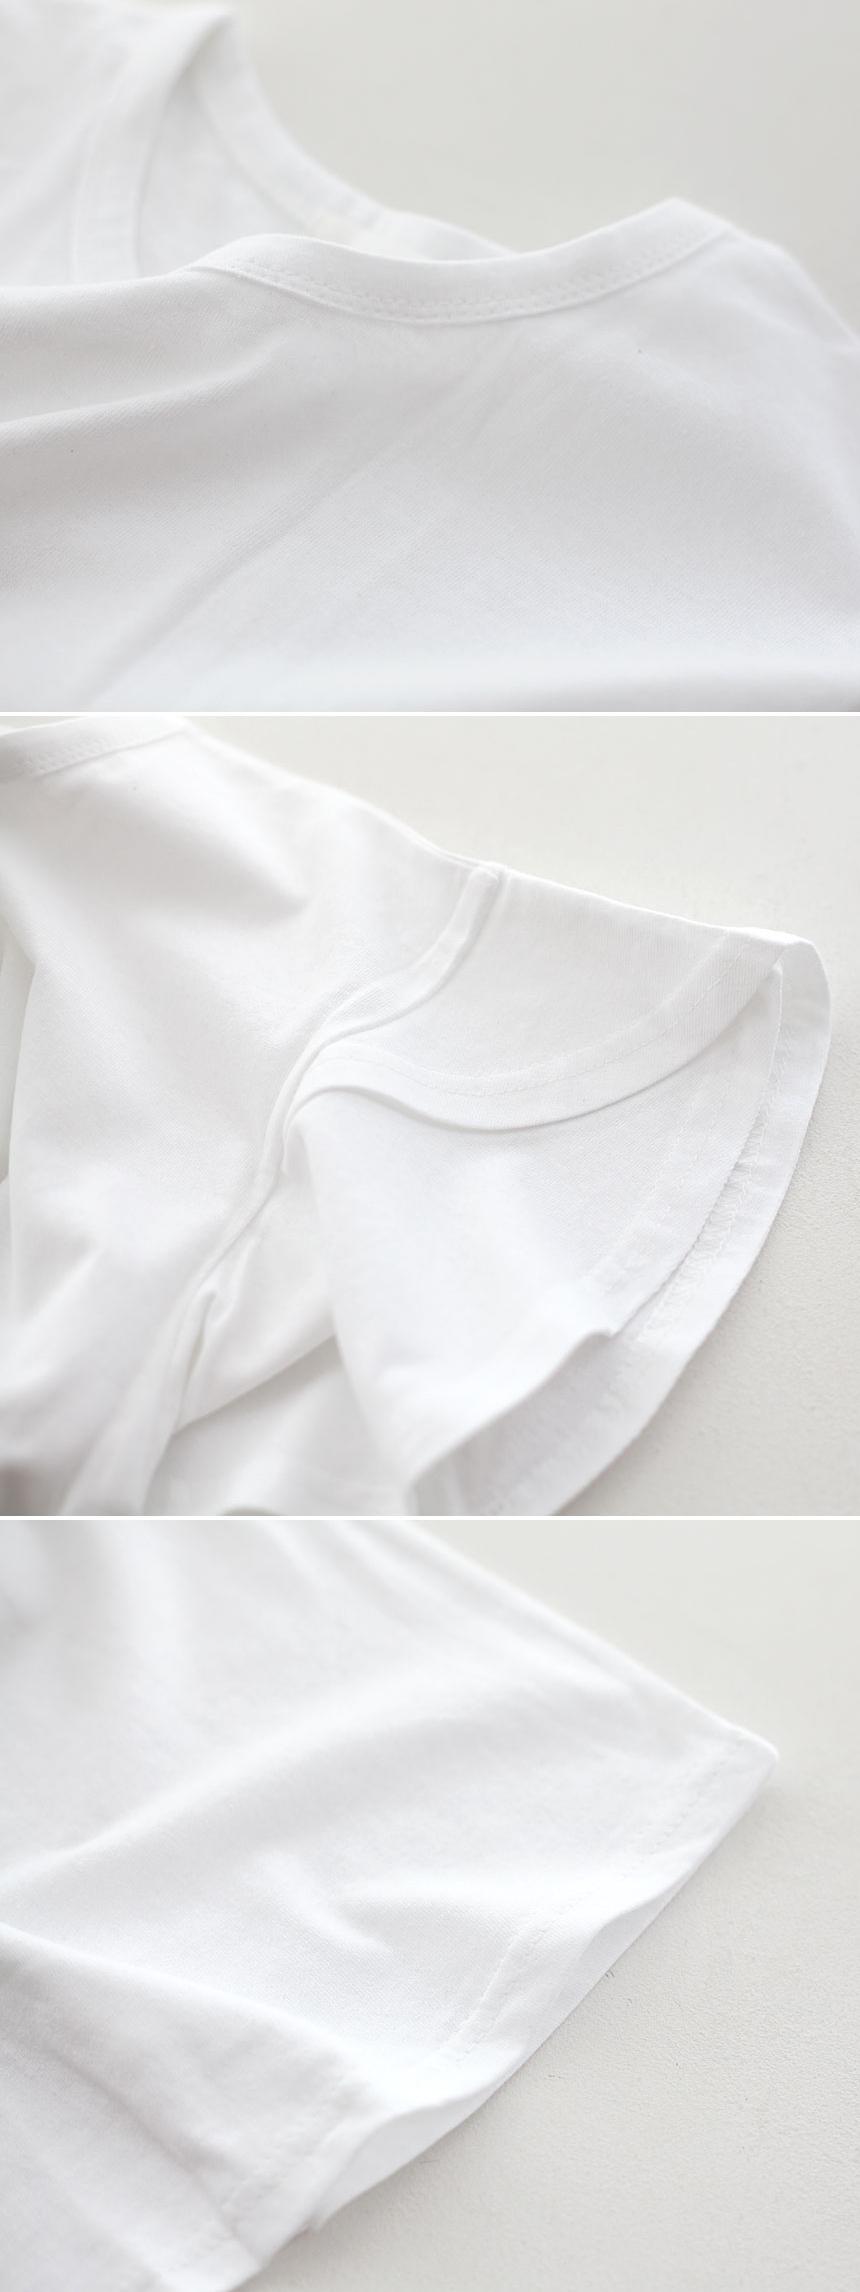 雋永荷葉邊寬袖上衣